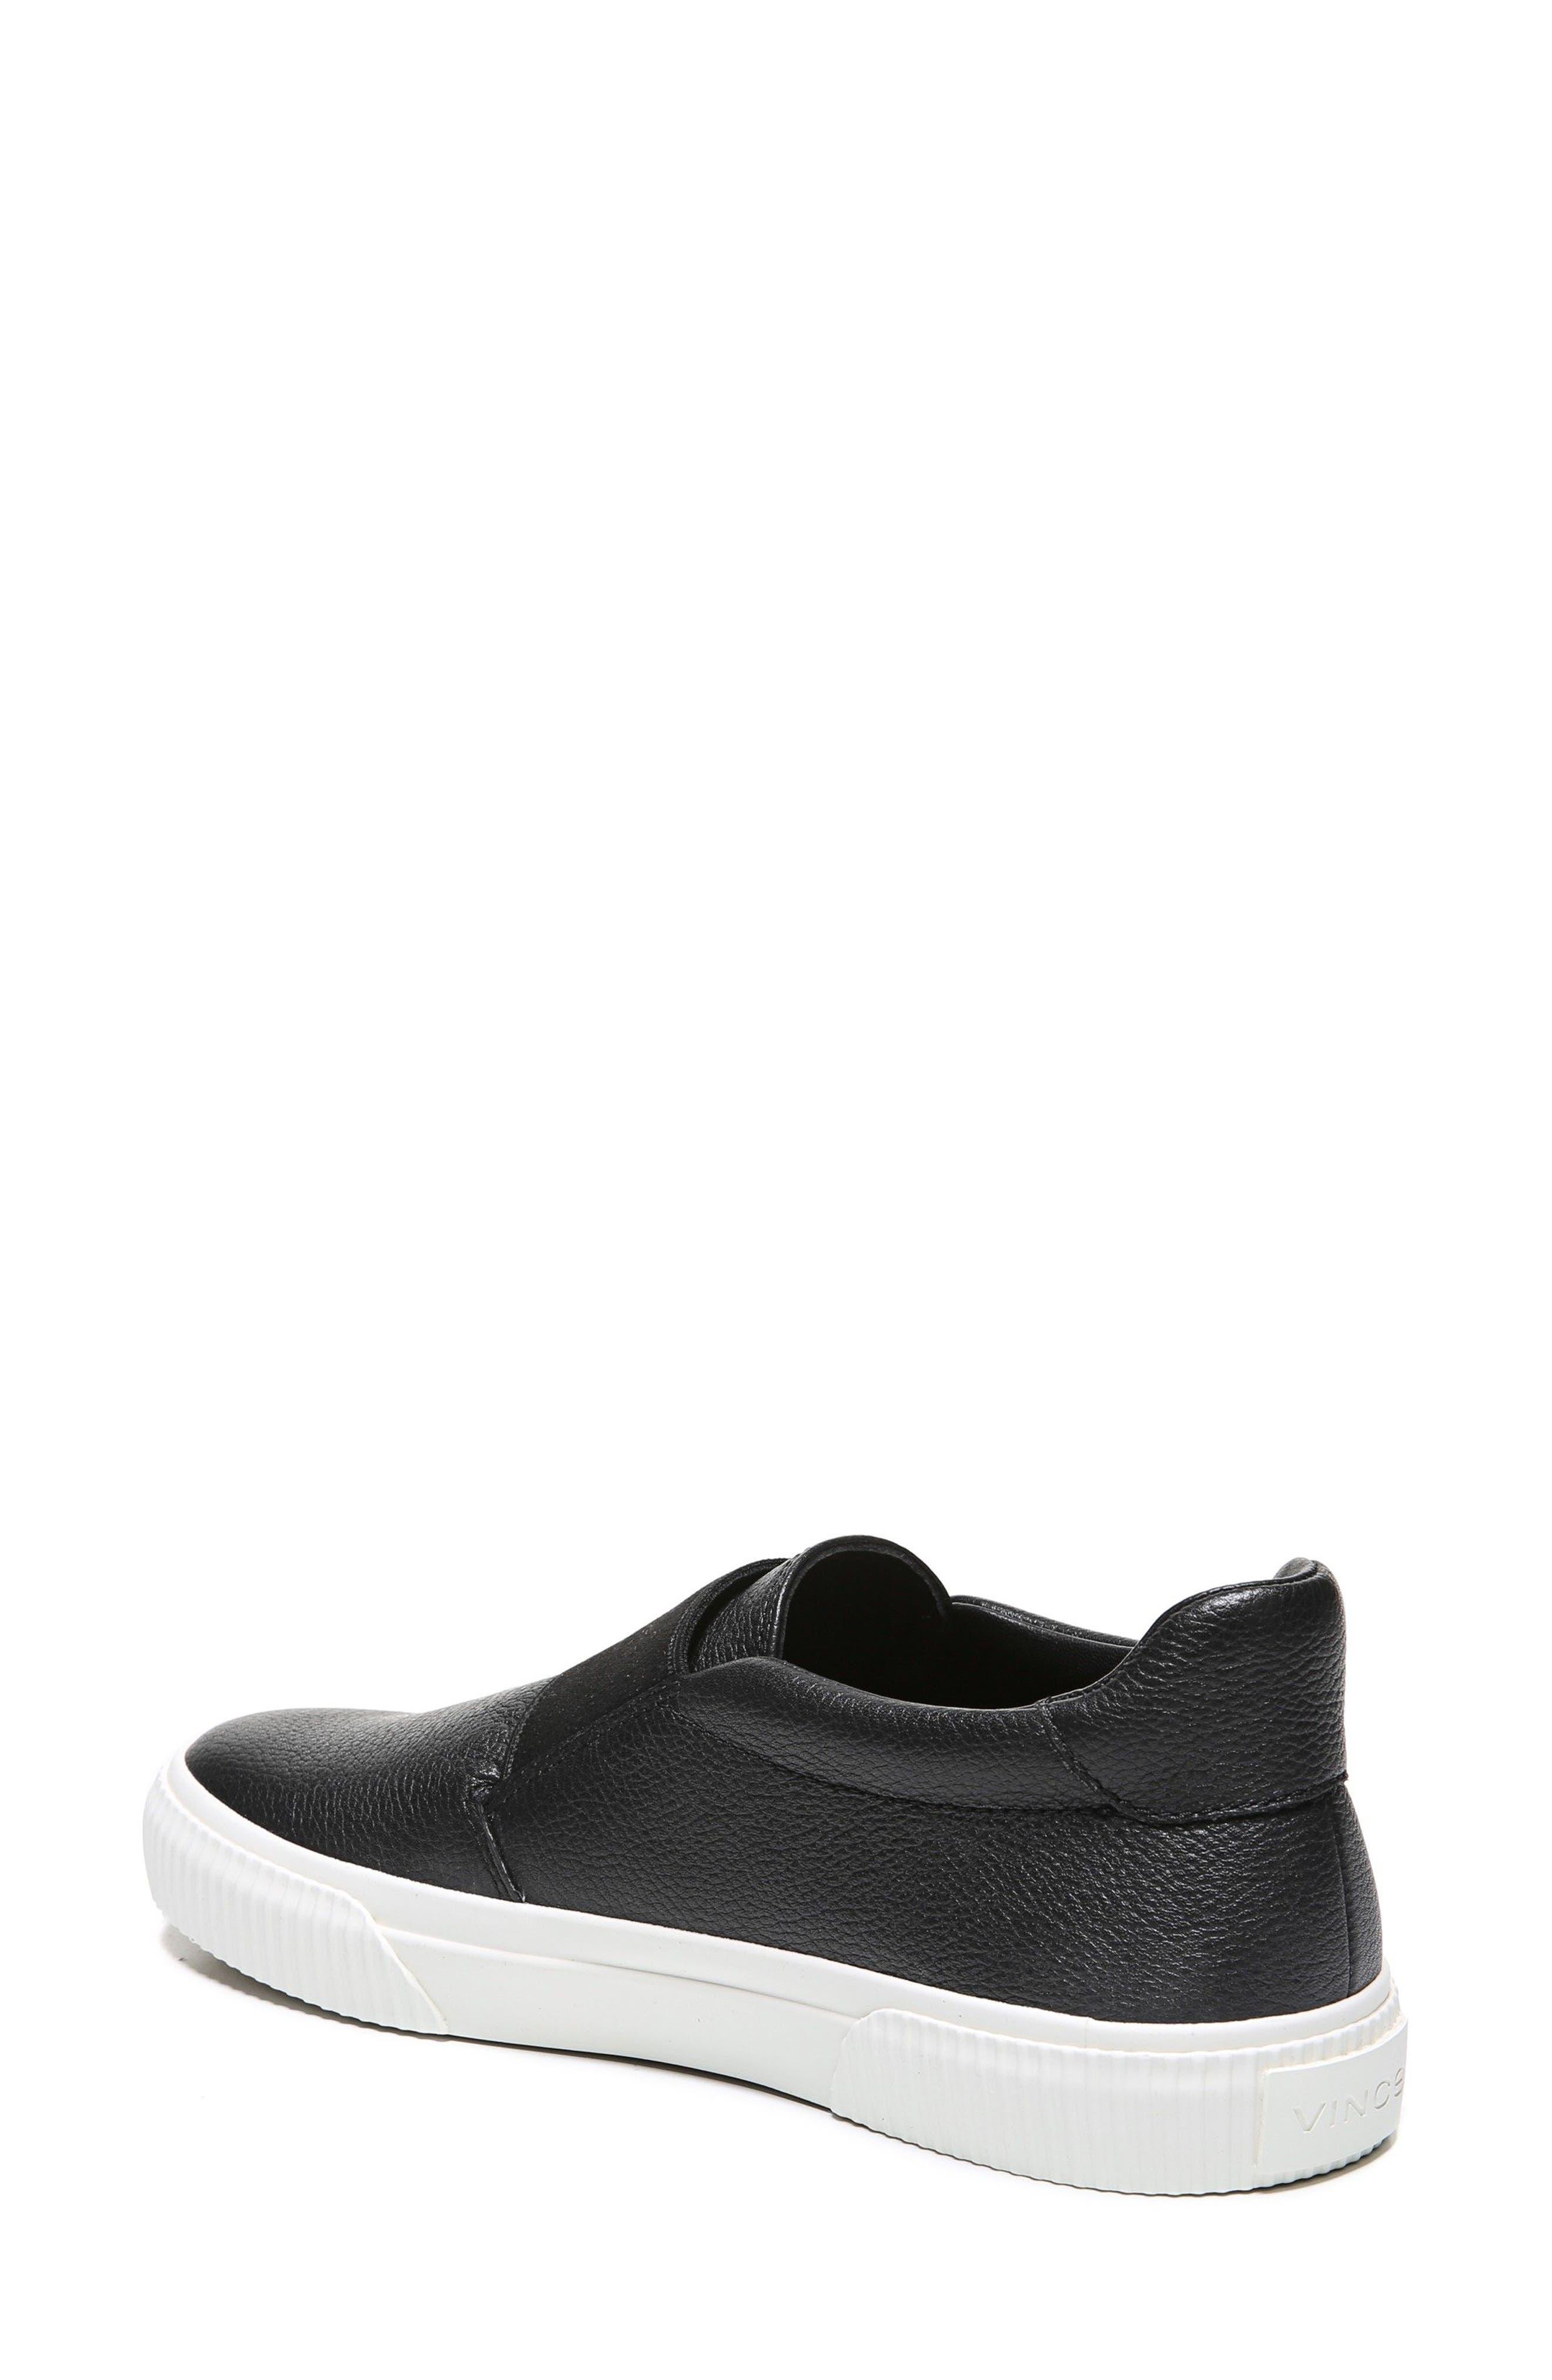 Kirkland Slip-On Sneaker,                             Alternate thumbnail 2, color,                             001